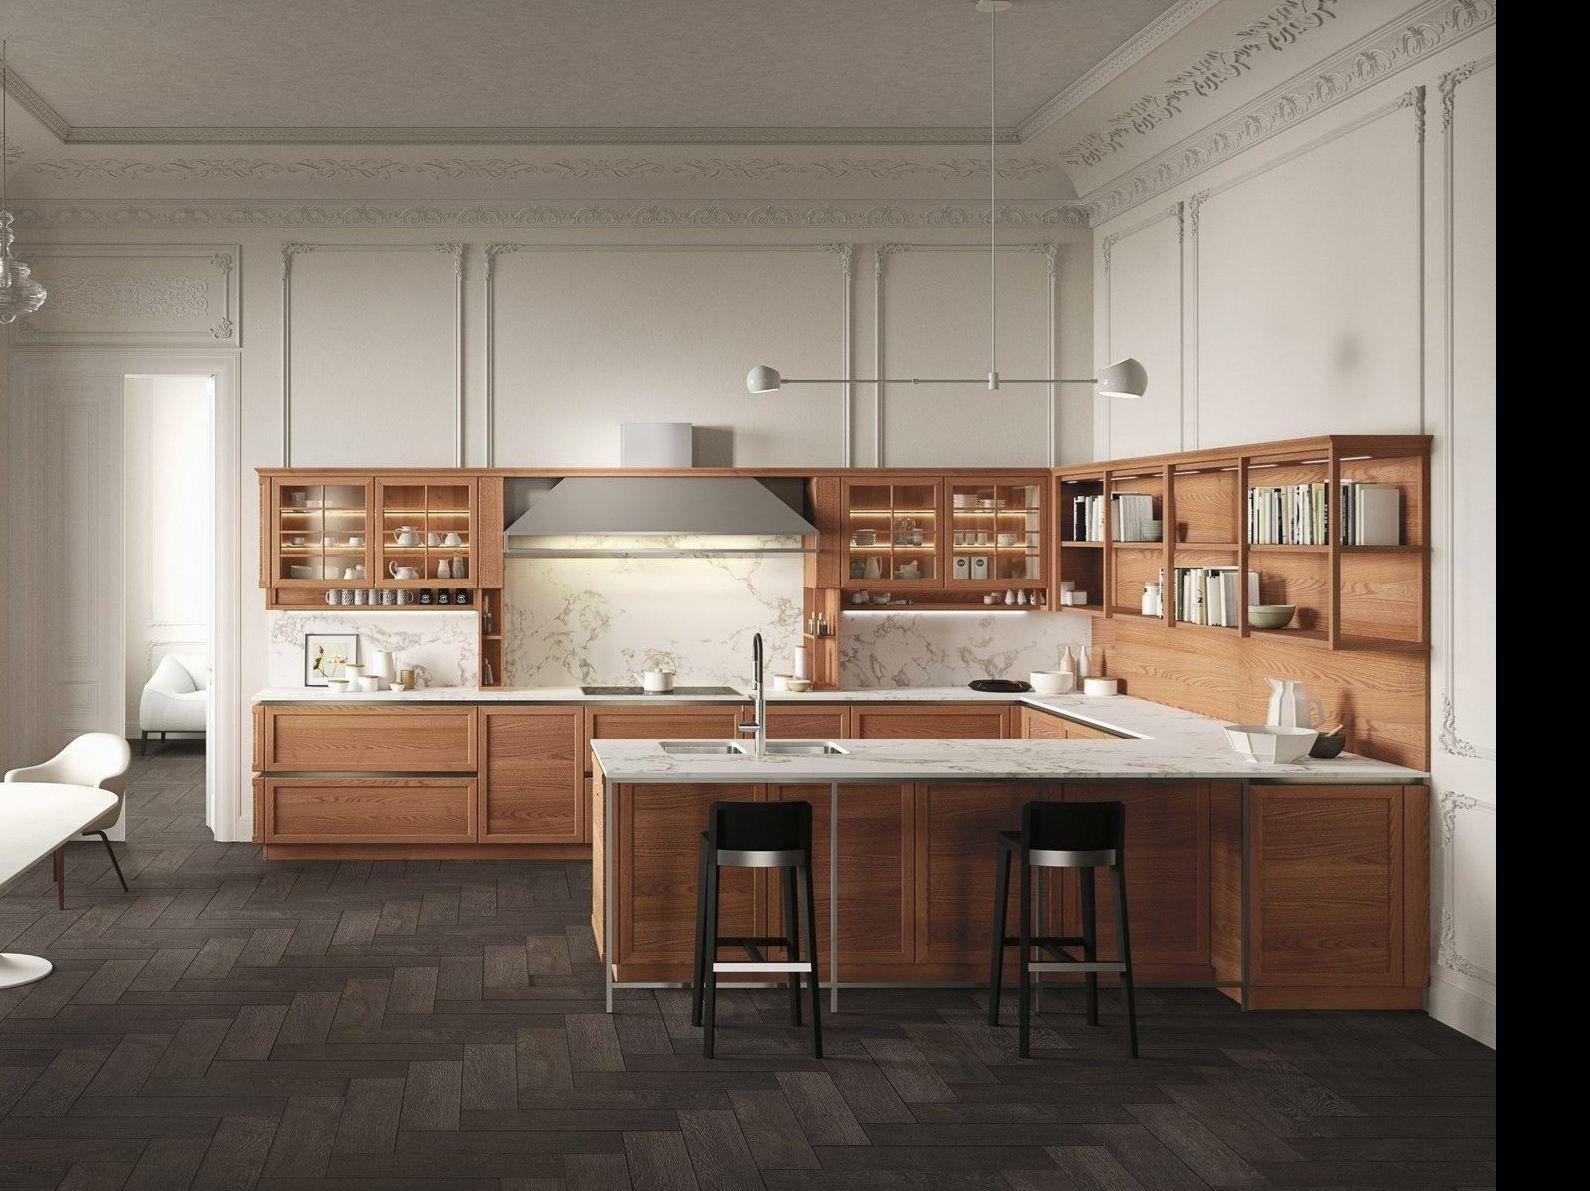 Heritage cucina in legno by snaidero design massimo iosa ghini - Top cucina legno ...